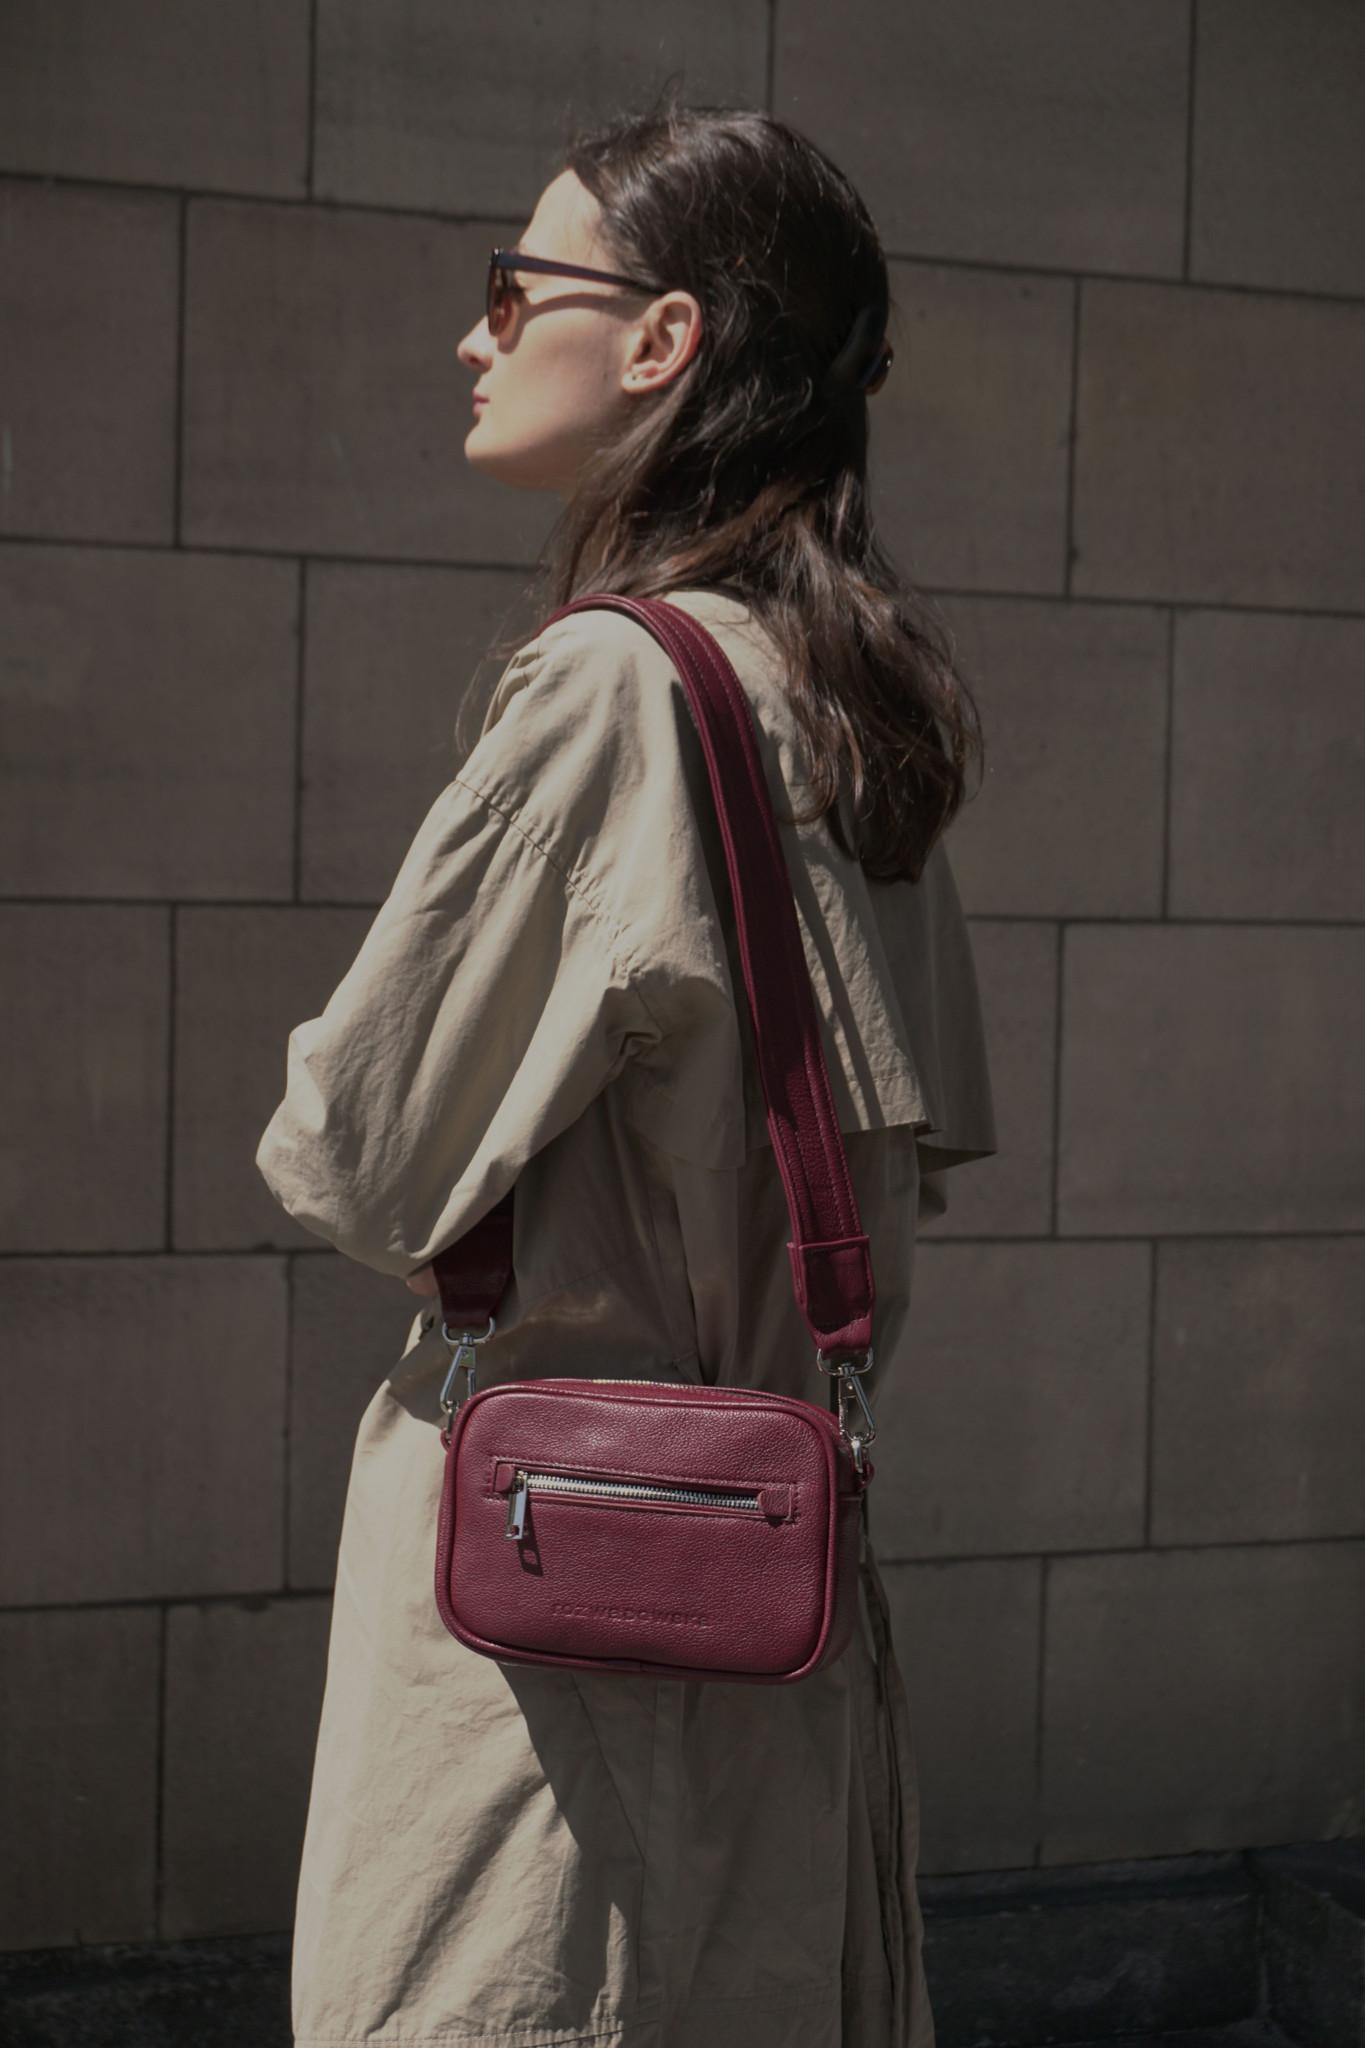 BOXY MINI BORDO - torebka w kształcie pudełka - torebka na pasek - torebka na suwak - torebka bordo - Rozwadowska Bags | JestemSlow.pl